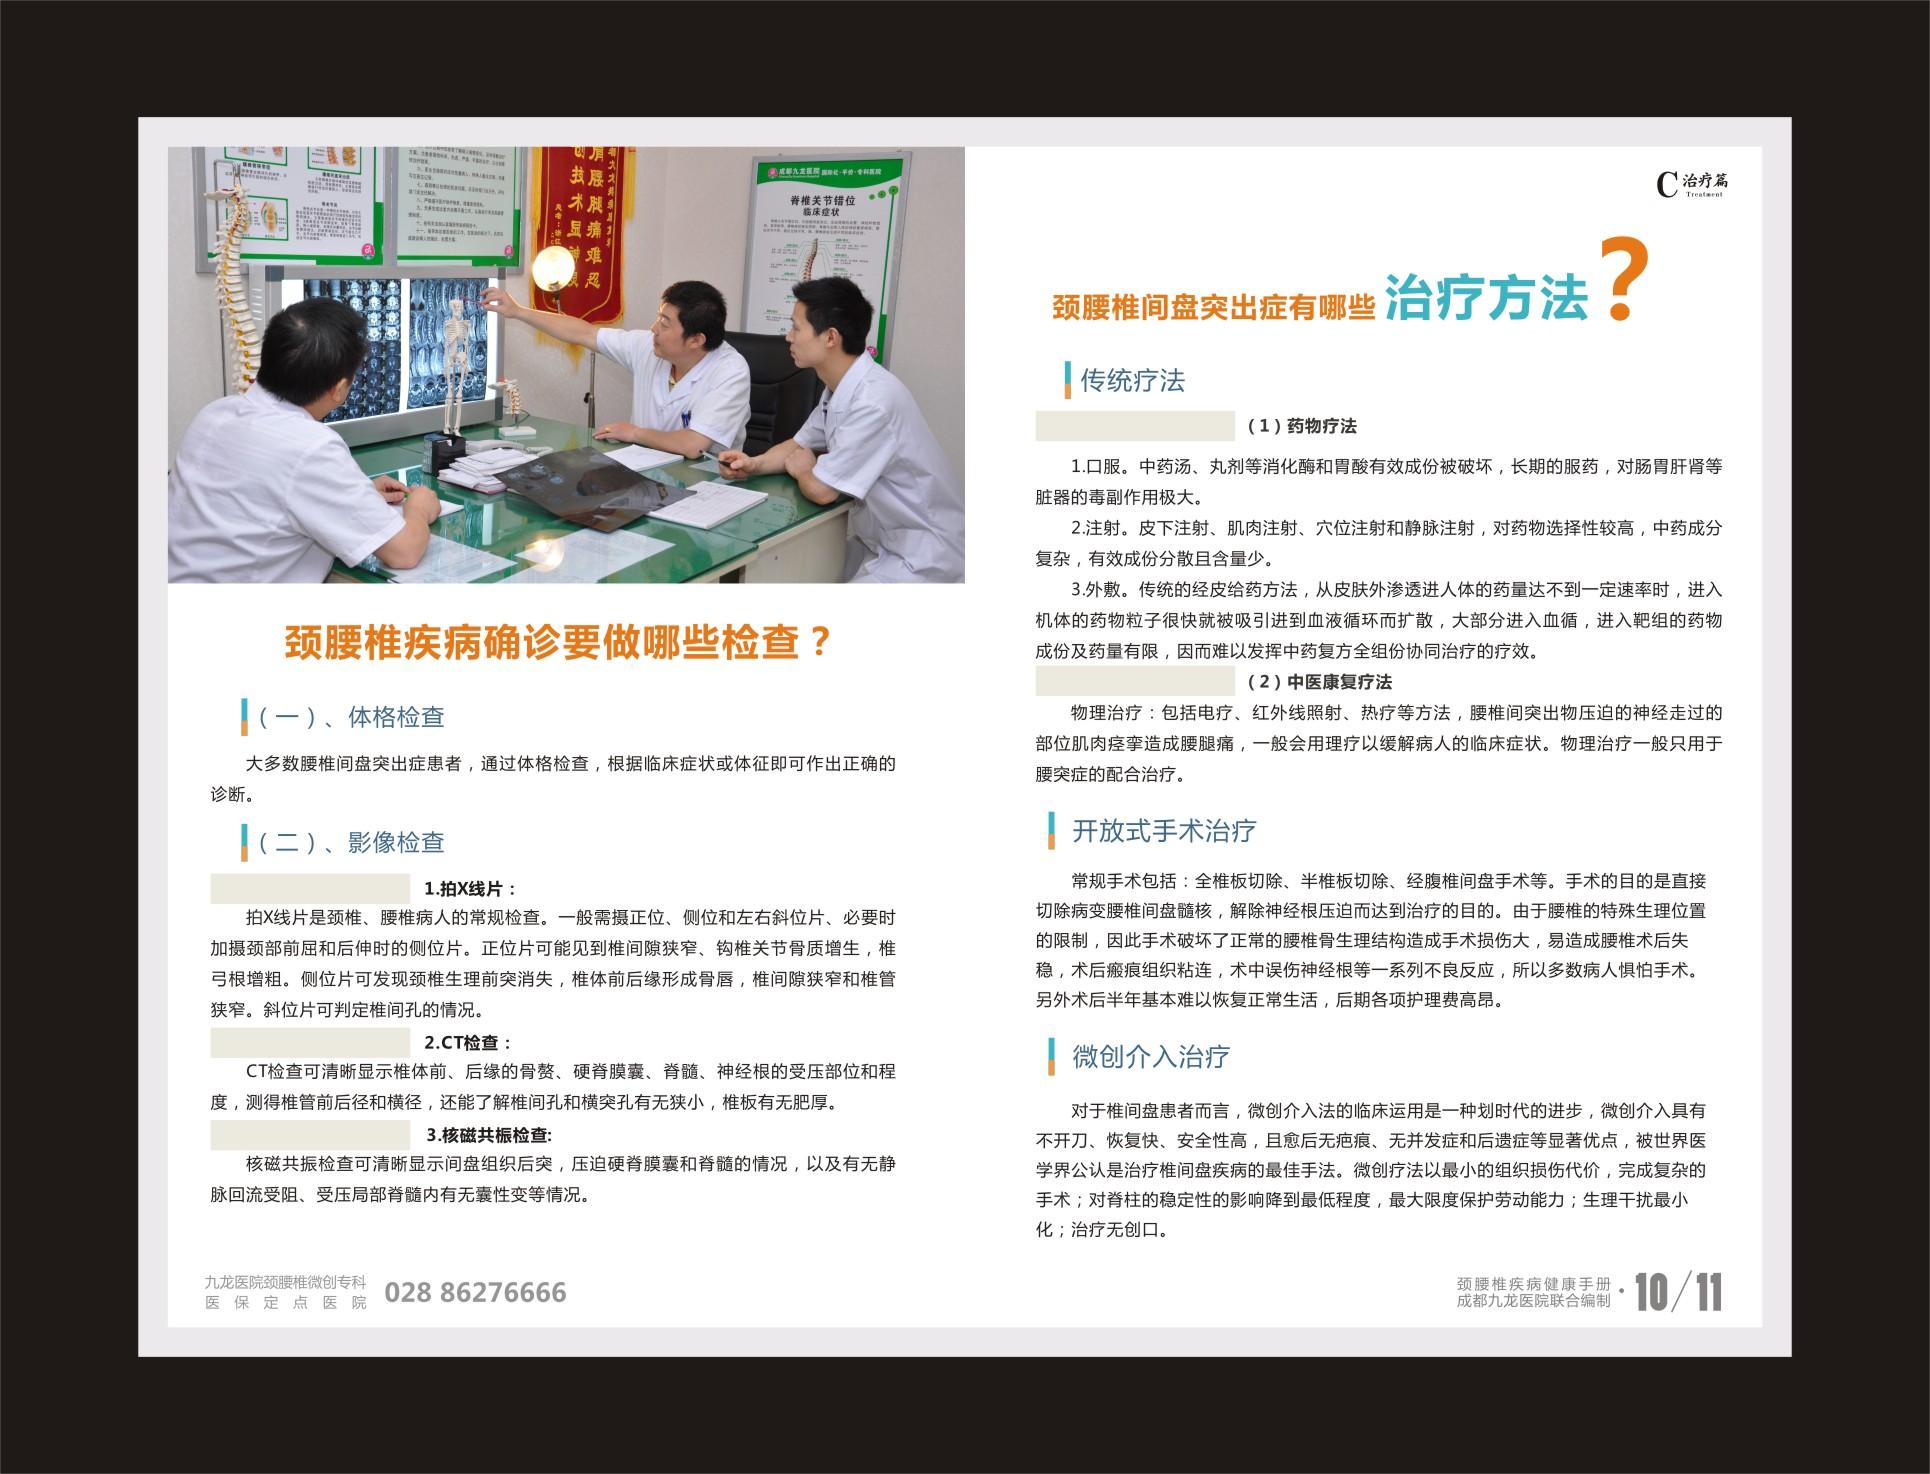 医院册子定稿._画册_平面_原创设计 第一设计网